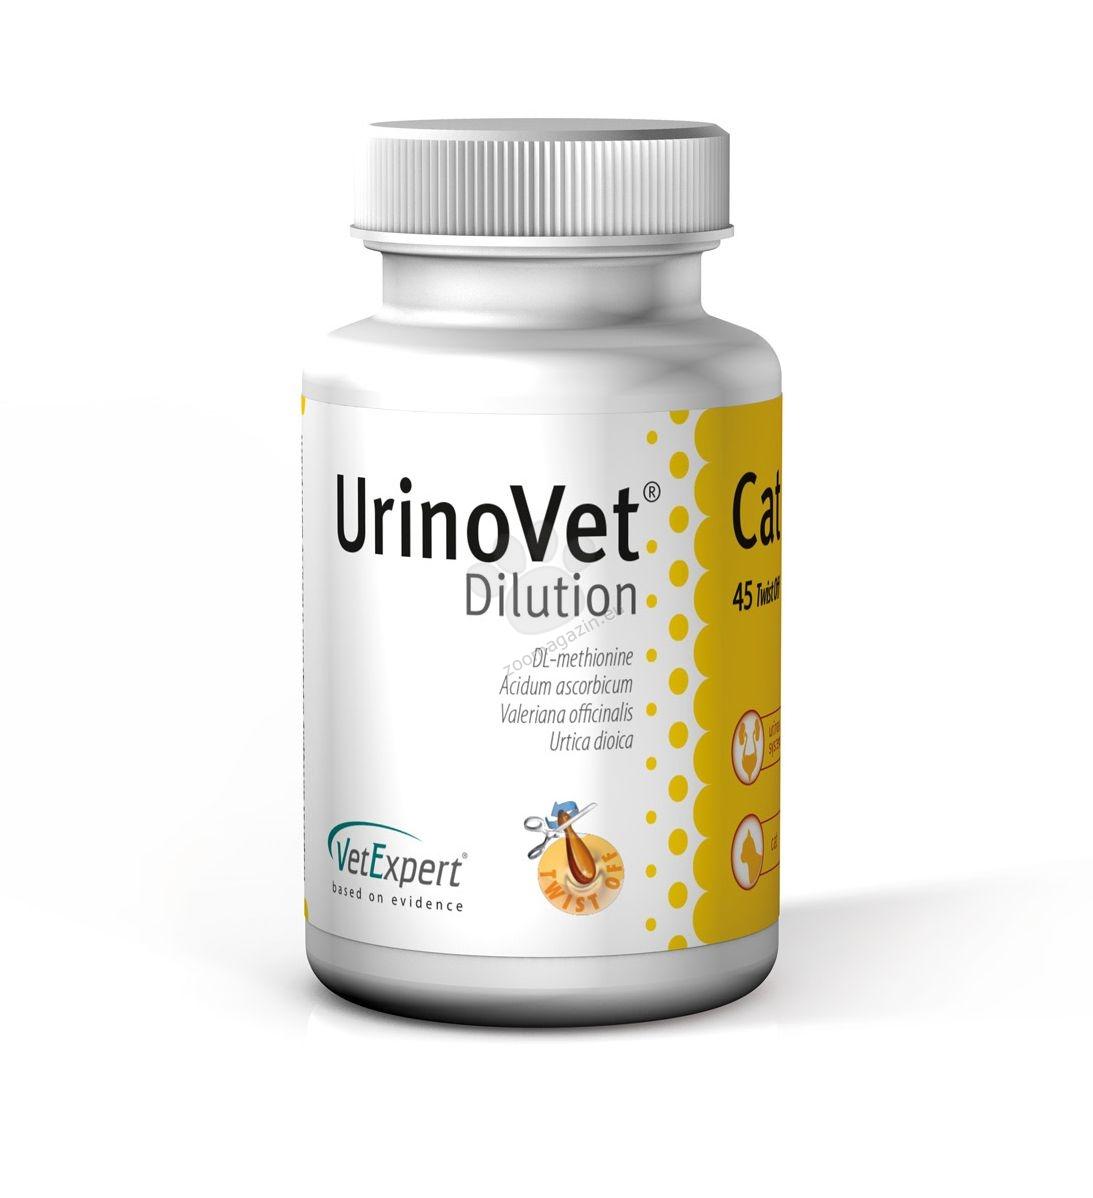 Vetexpert Urino Vet Dilution - най-силната защита от струвитна уролитиаза 45 капсули